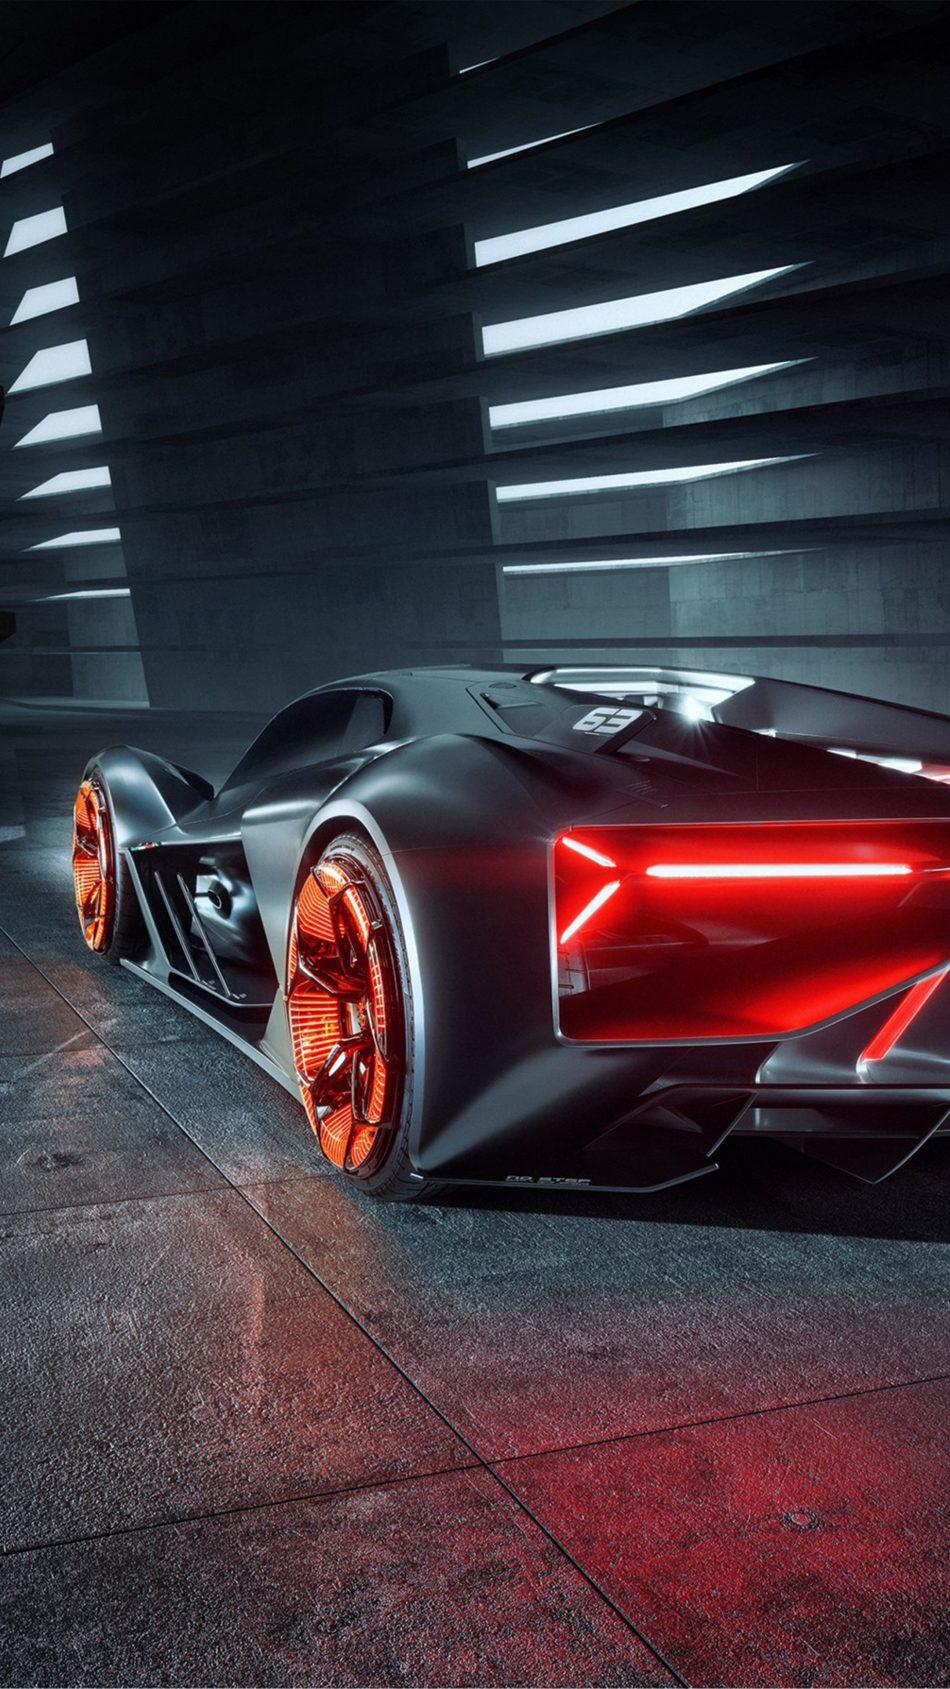 Download Lamborghini Terzo Millennio Free Pure 4k Ultra Hd Mobile